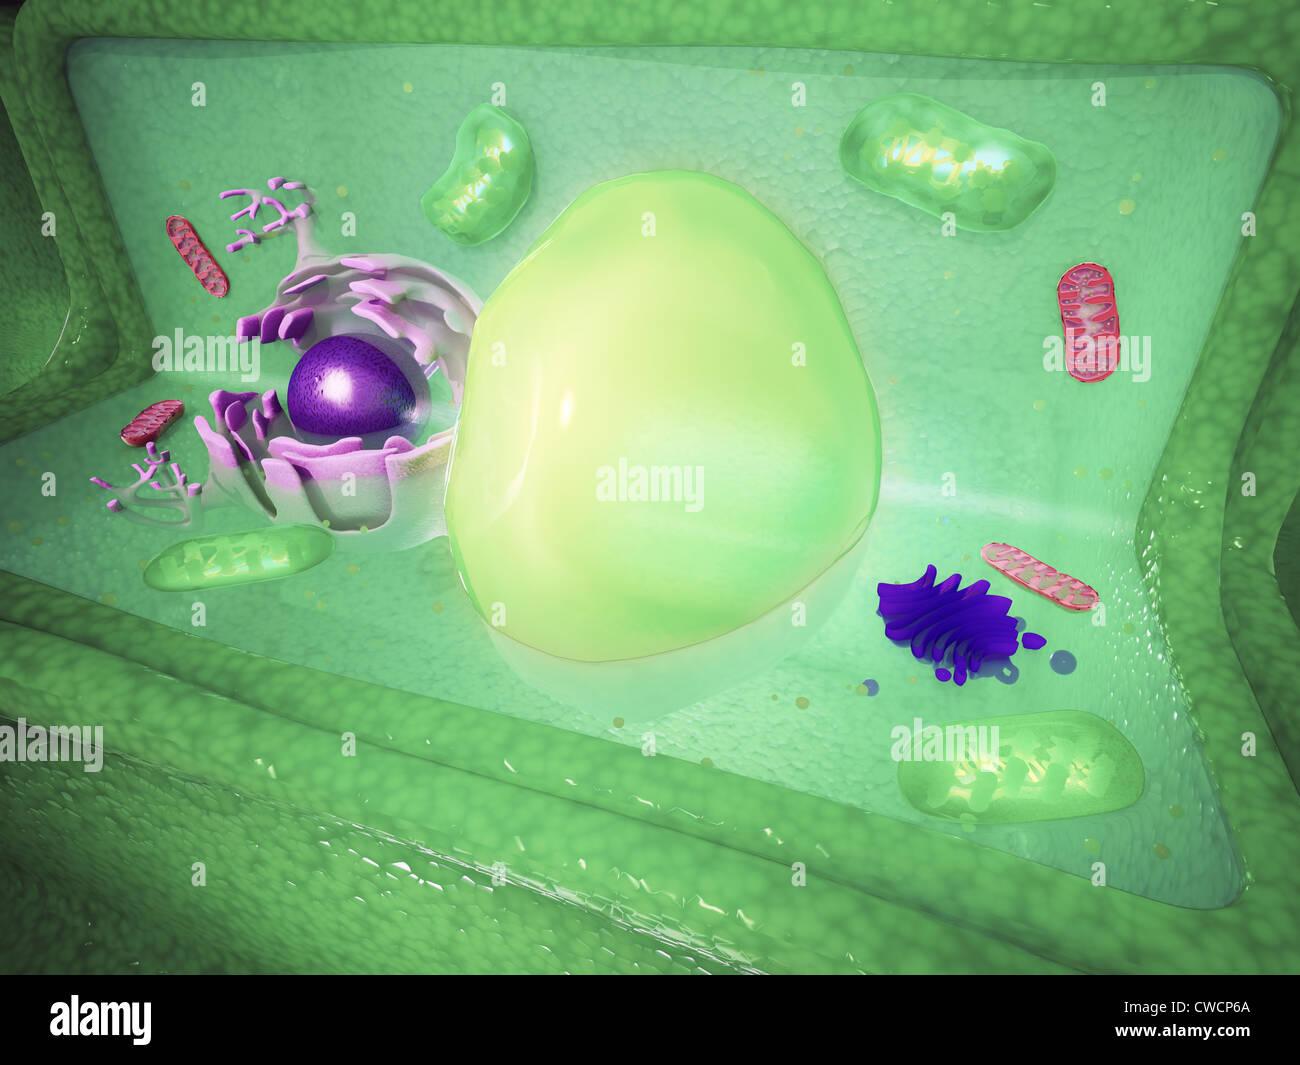 Pflanzlichen Zelle Cutaway Wissenschaft Abbildung Stockfoto, Bild ...